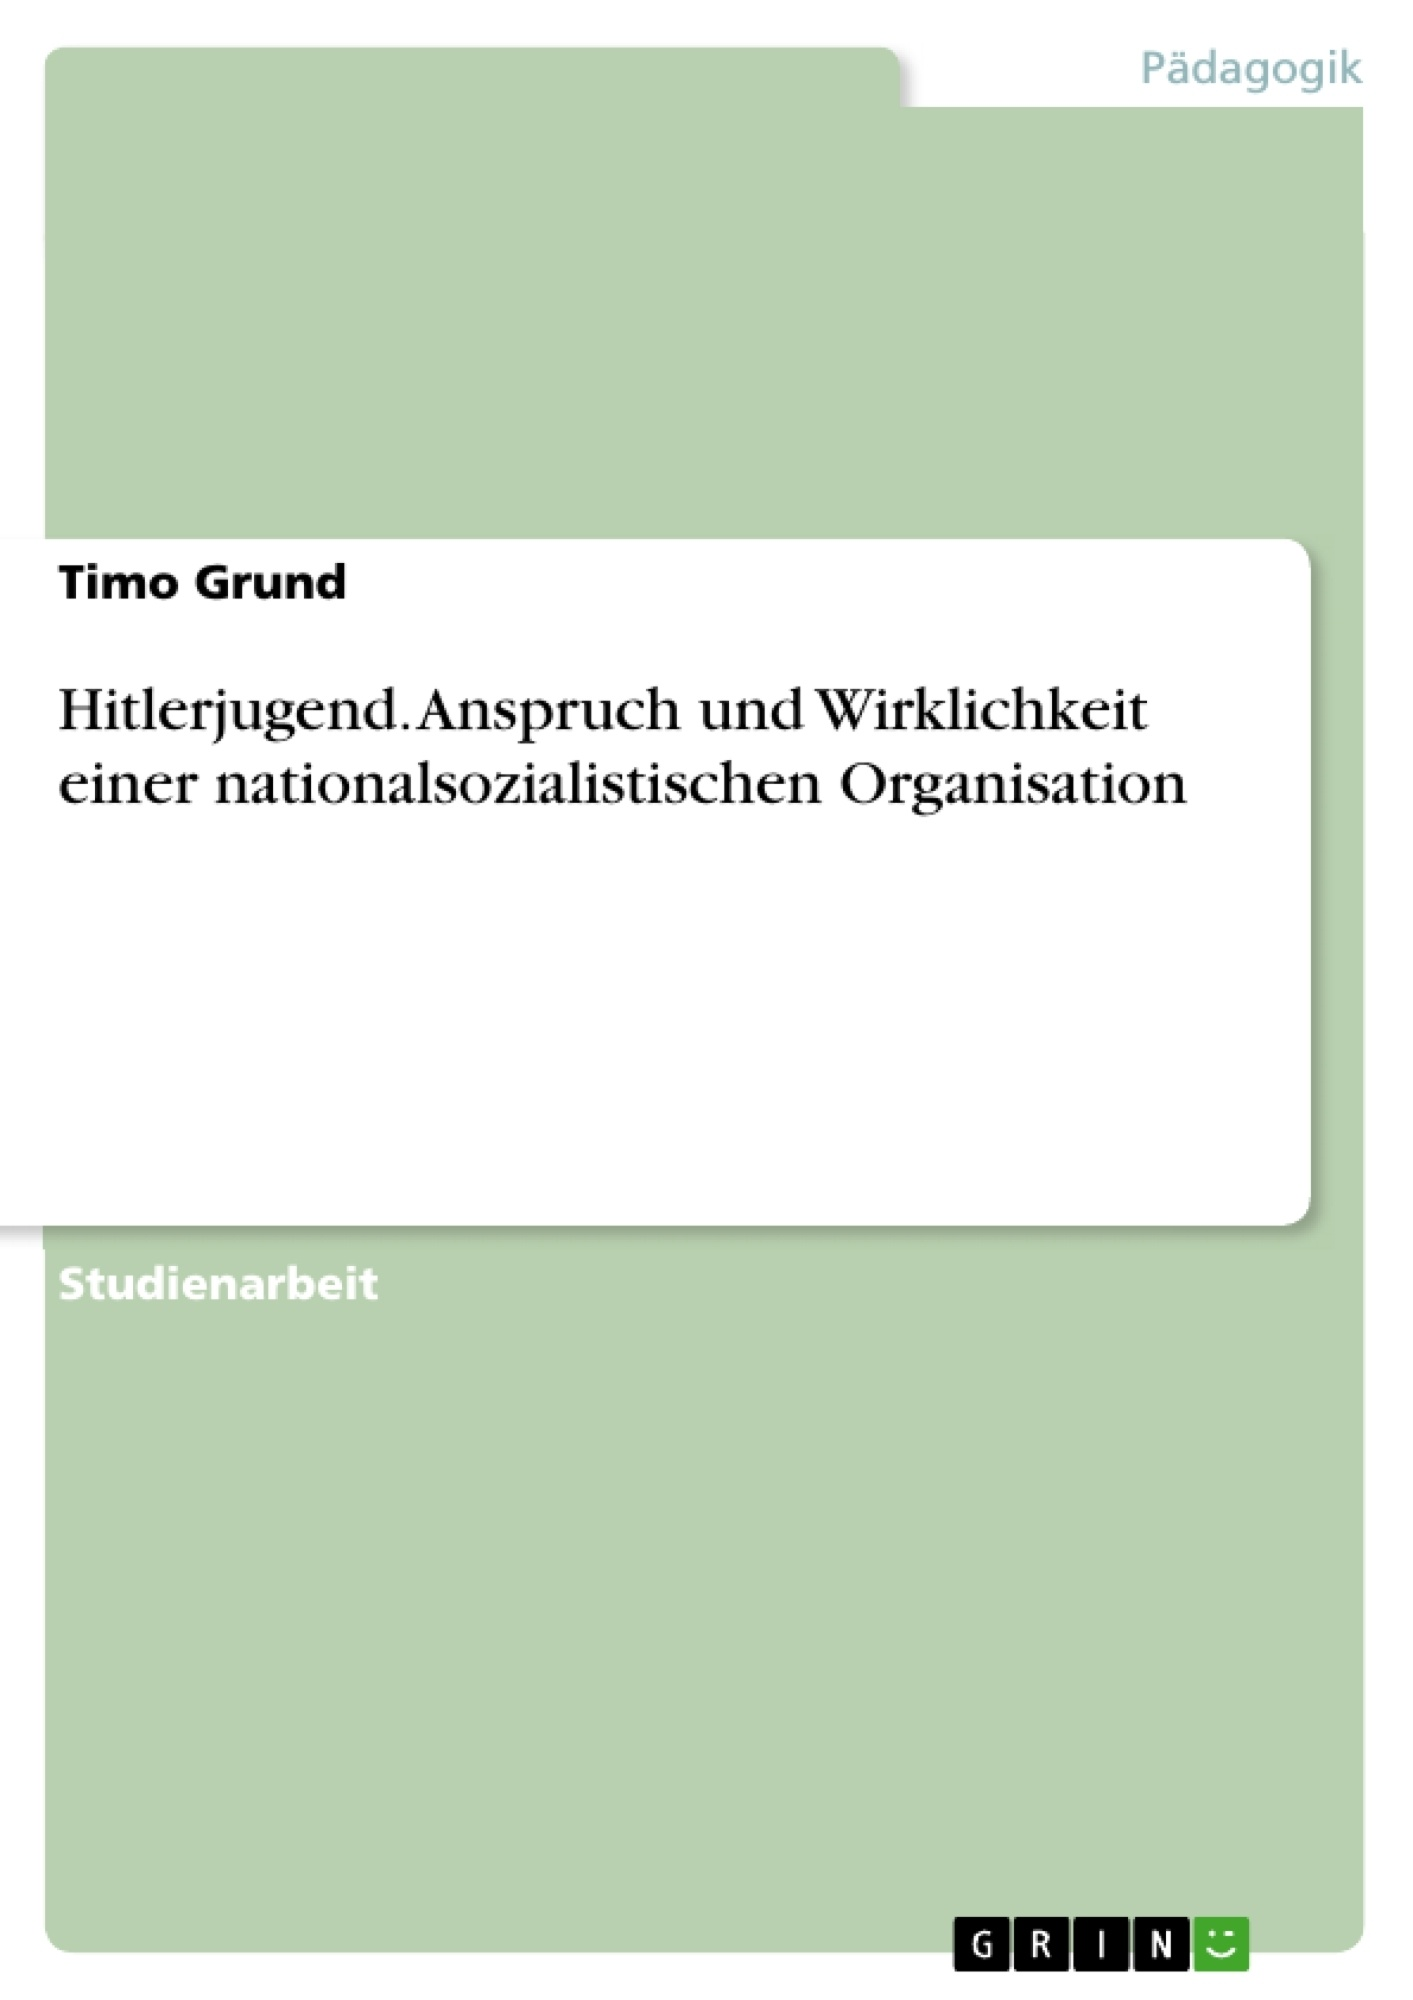 Titel: Hitlerjugend. Anspruch und Wirklichkeit einer nationalsozialistischen Organisation